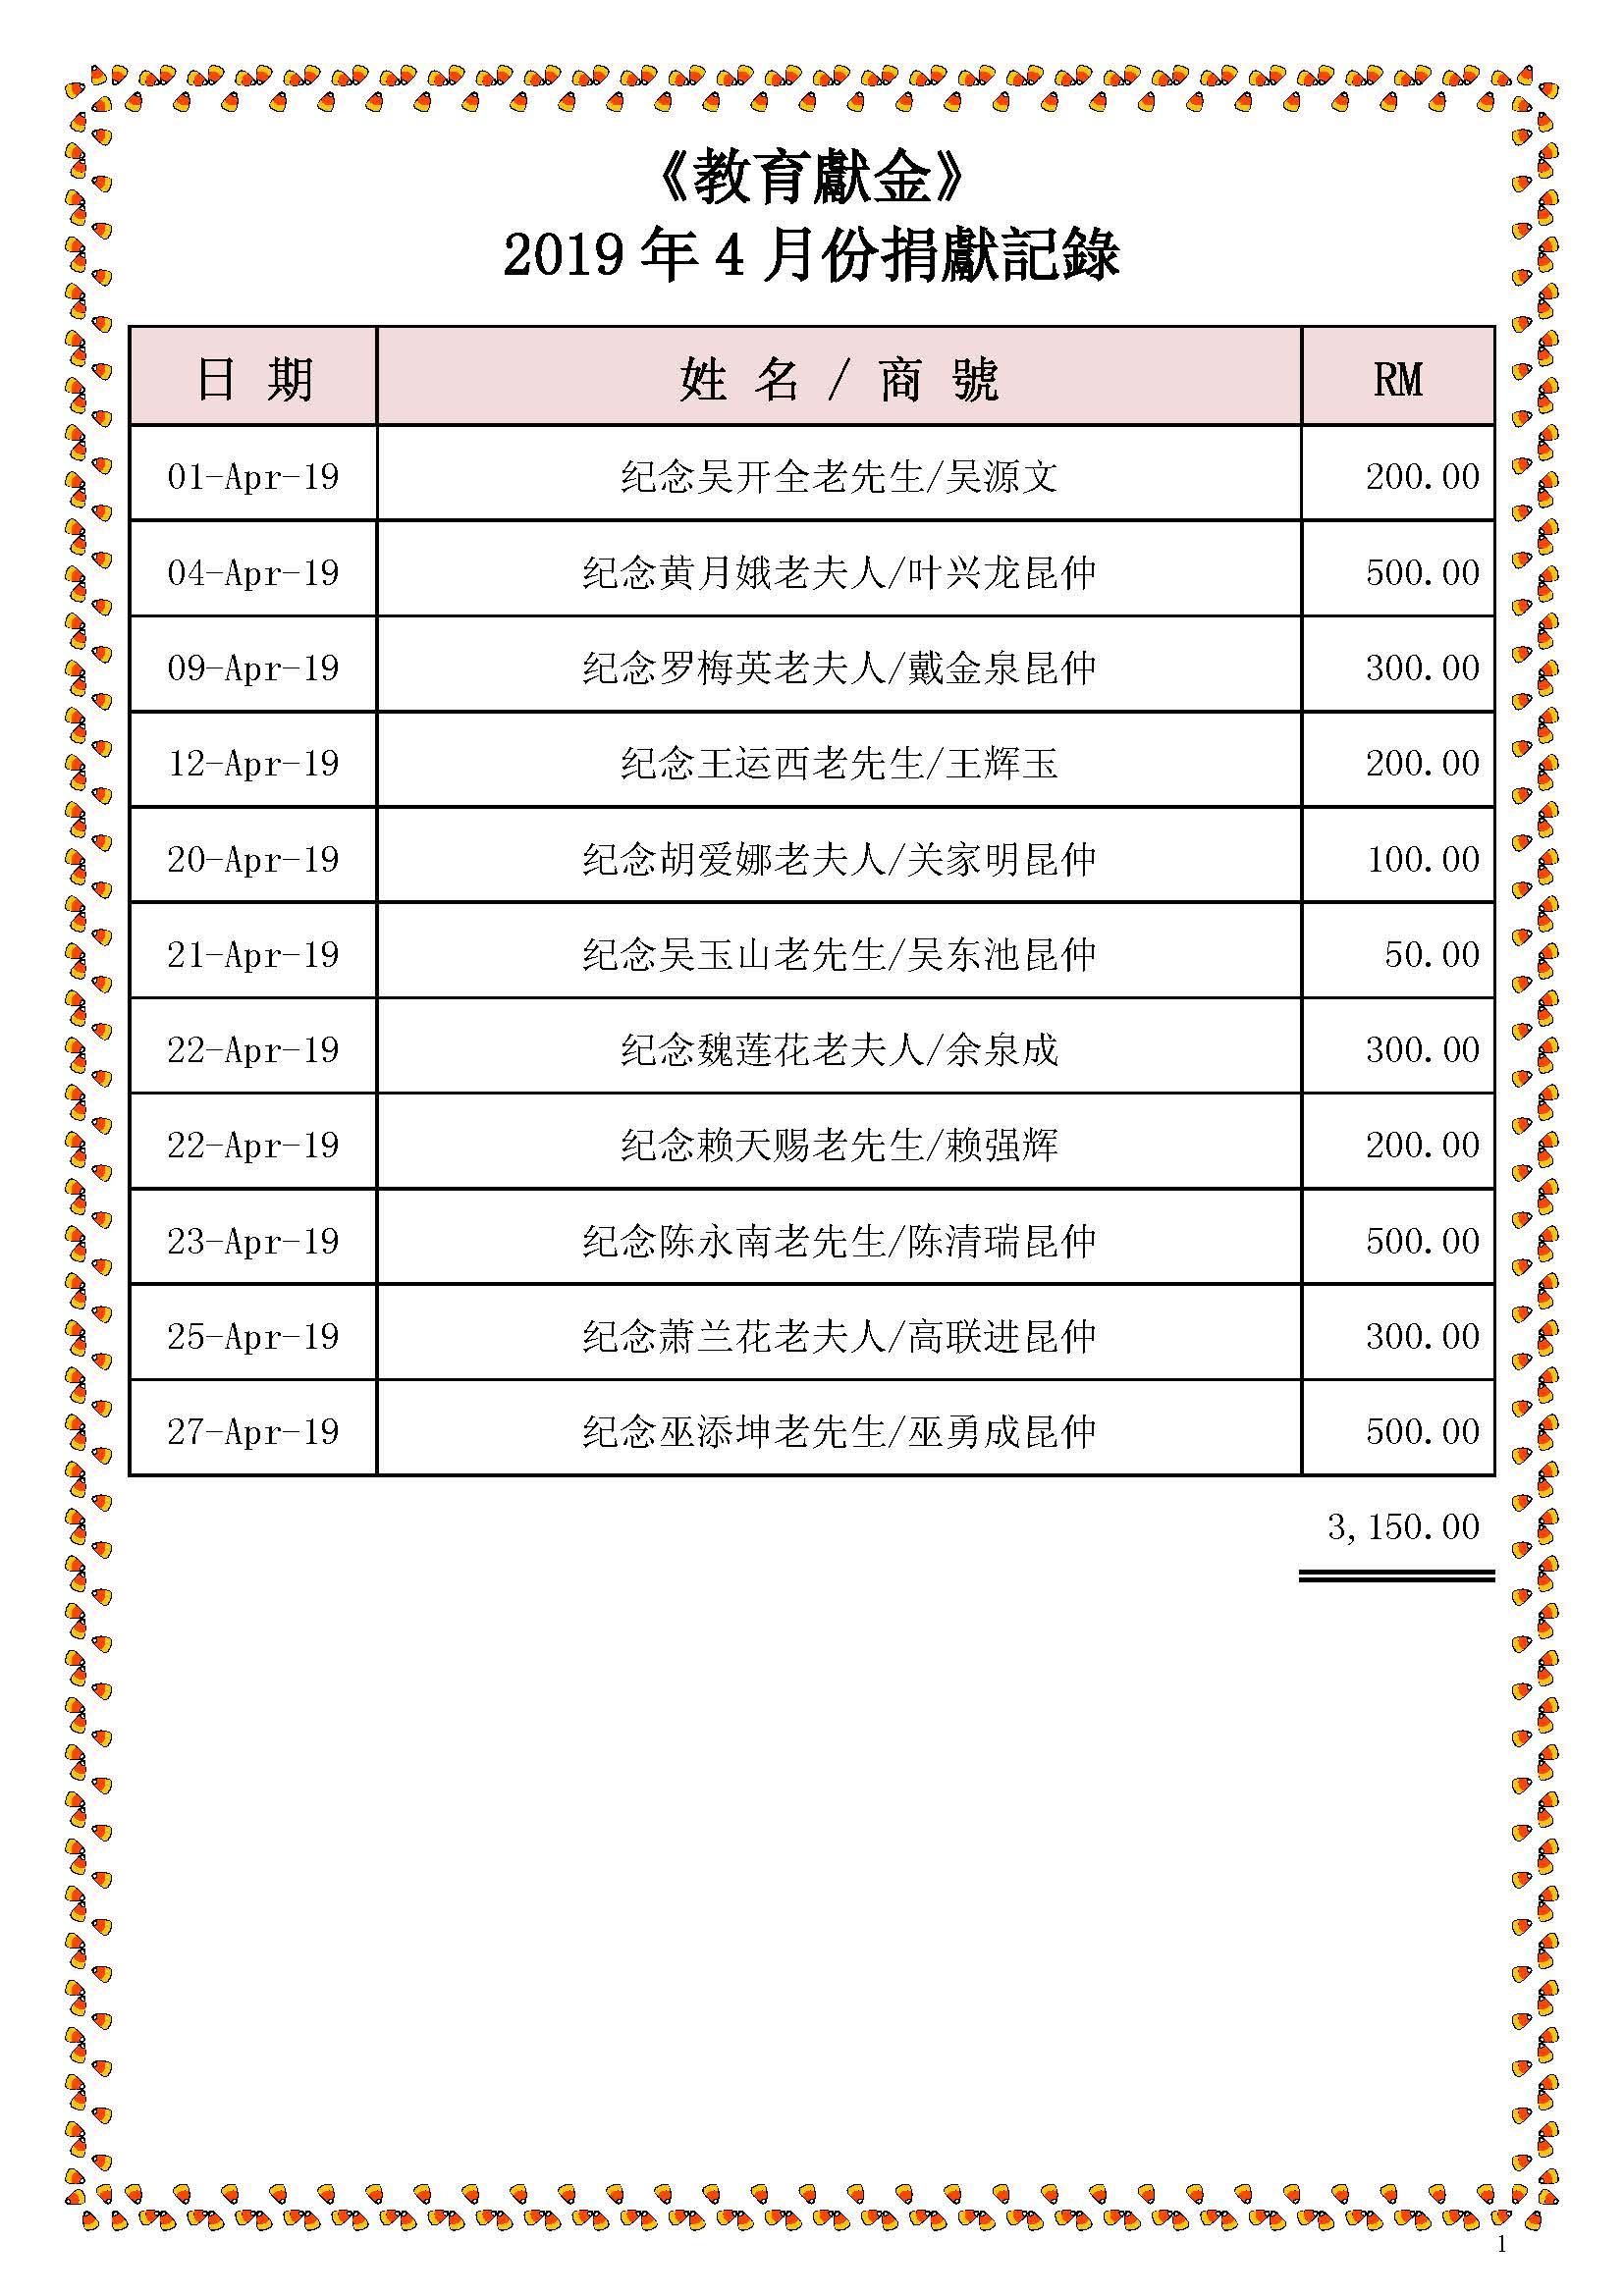 2019年4月份捐獻記錄 —修改后_Page_1